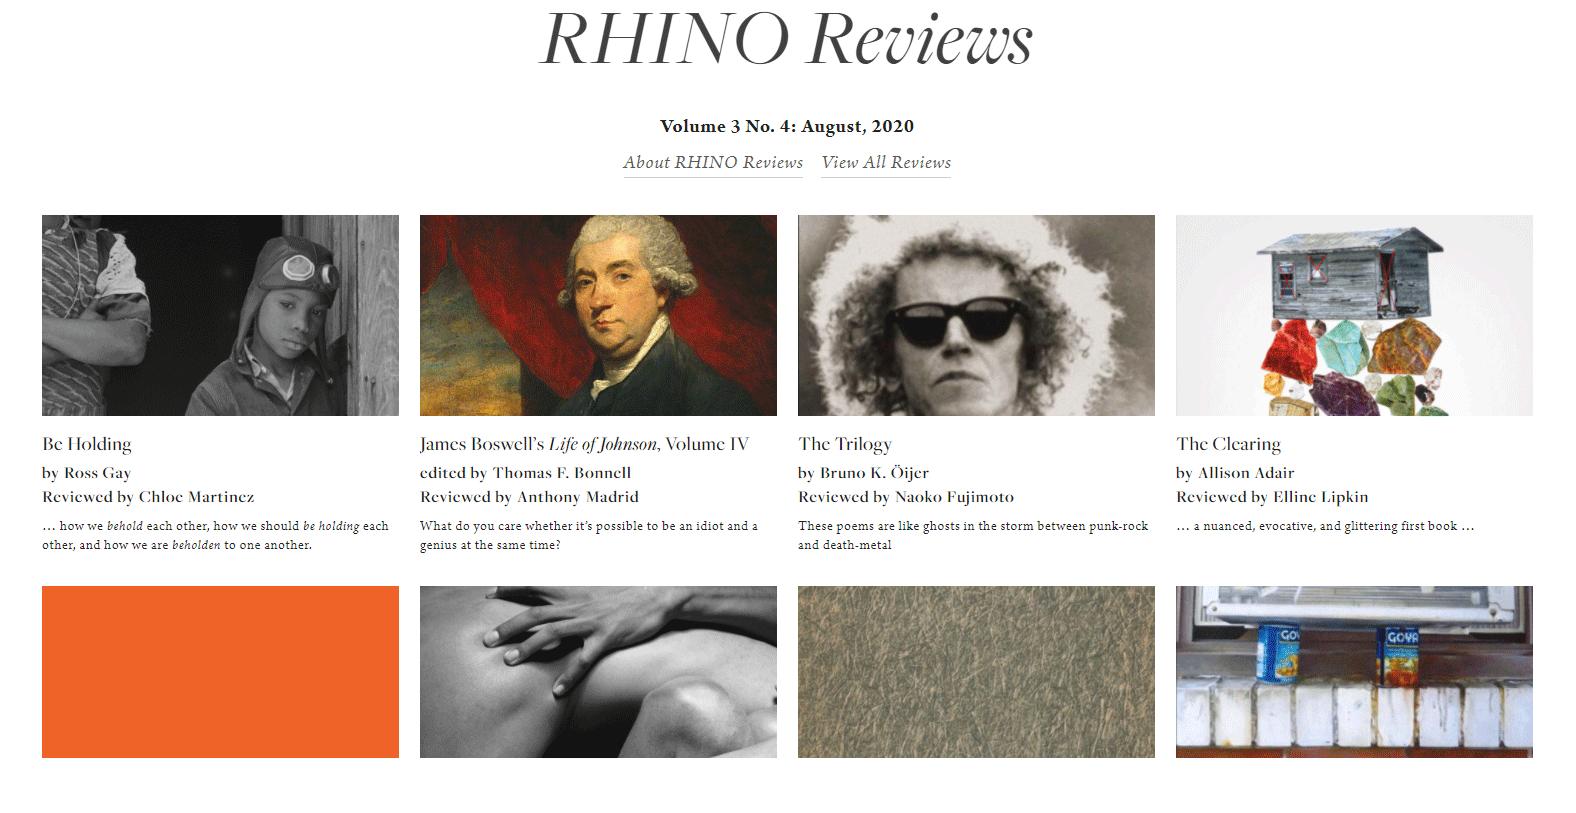 Rhino Reviews